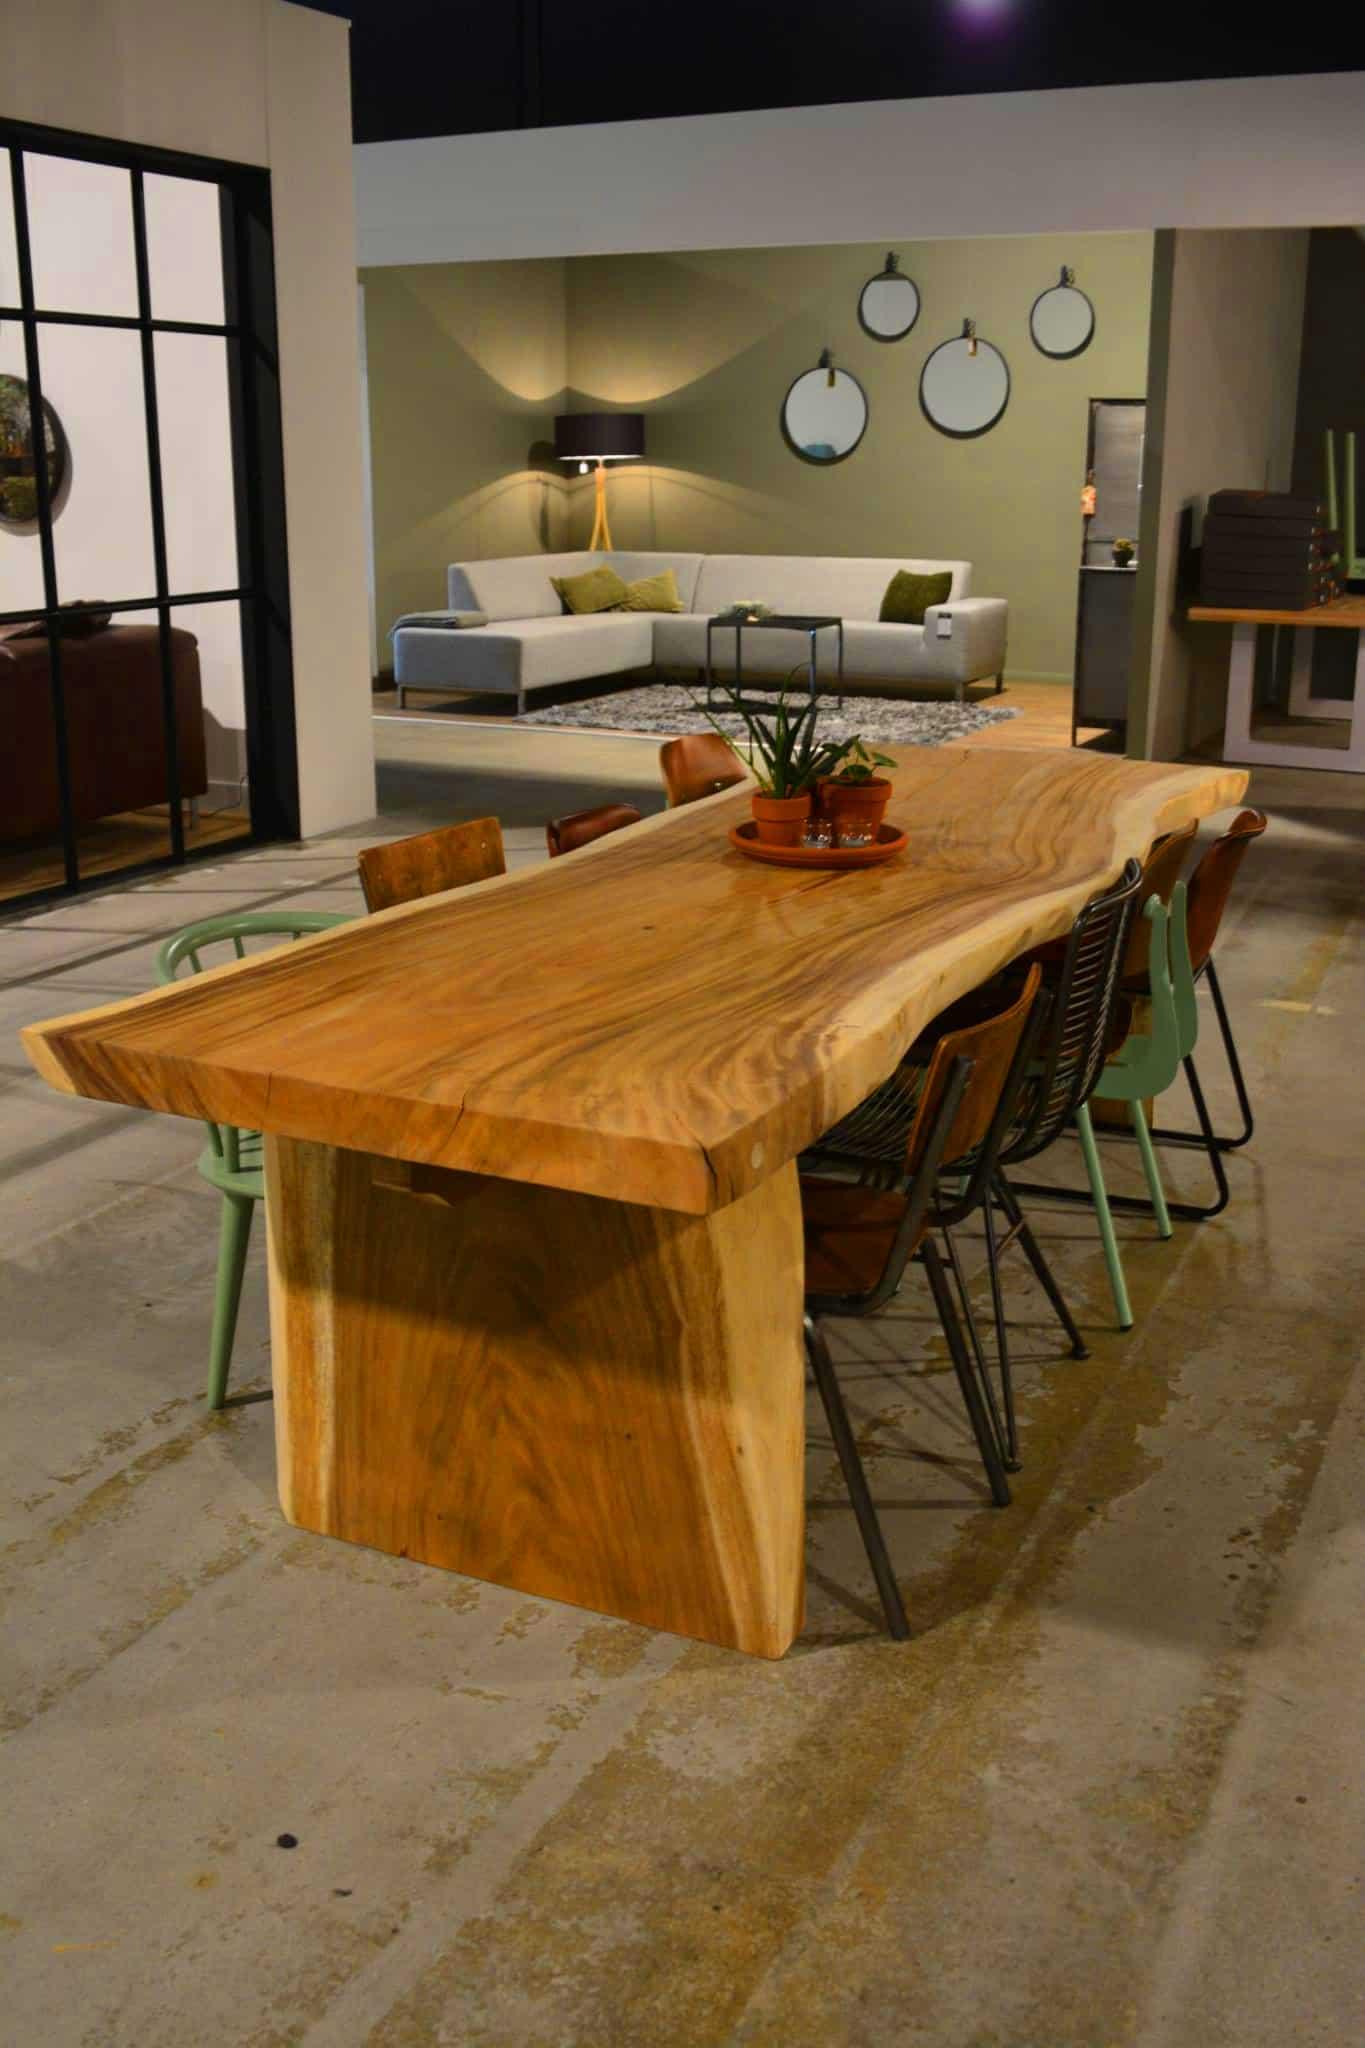 Genoeg Unieke Boomstamtafel van Suar hout verschillende afmetingen Pure Wood #UT71